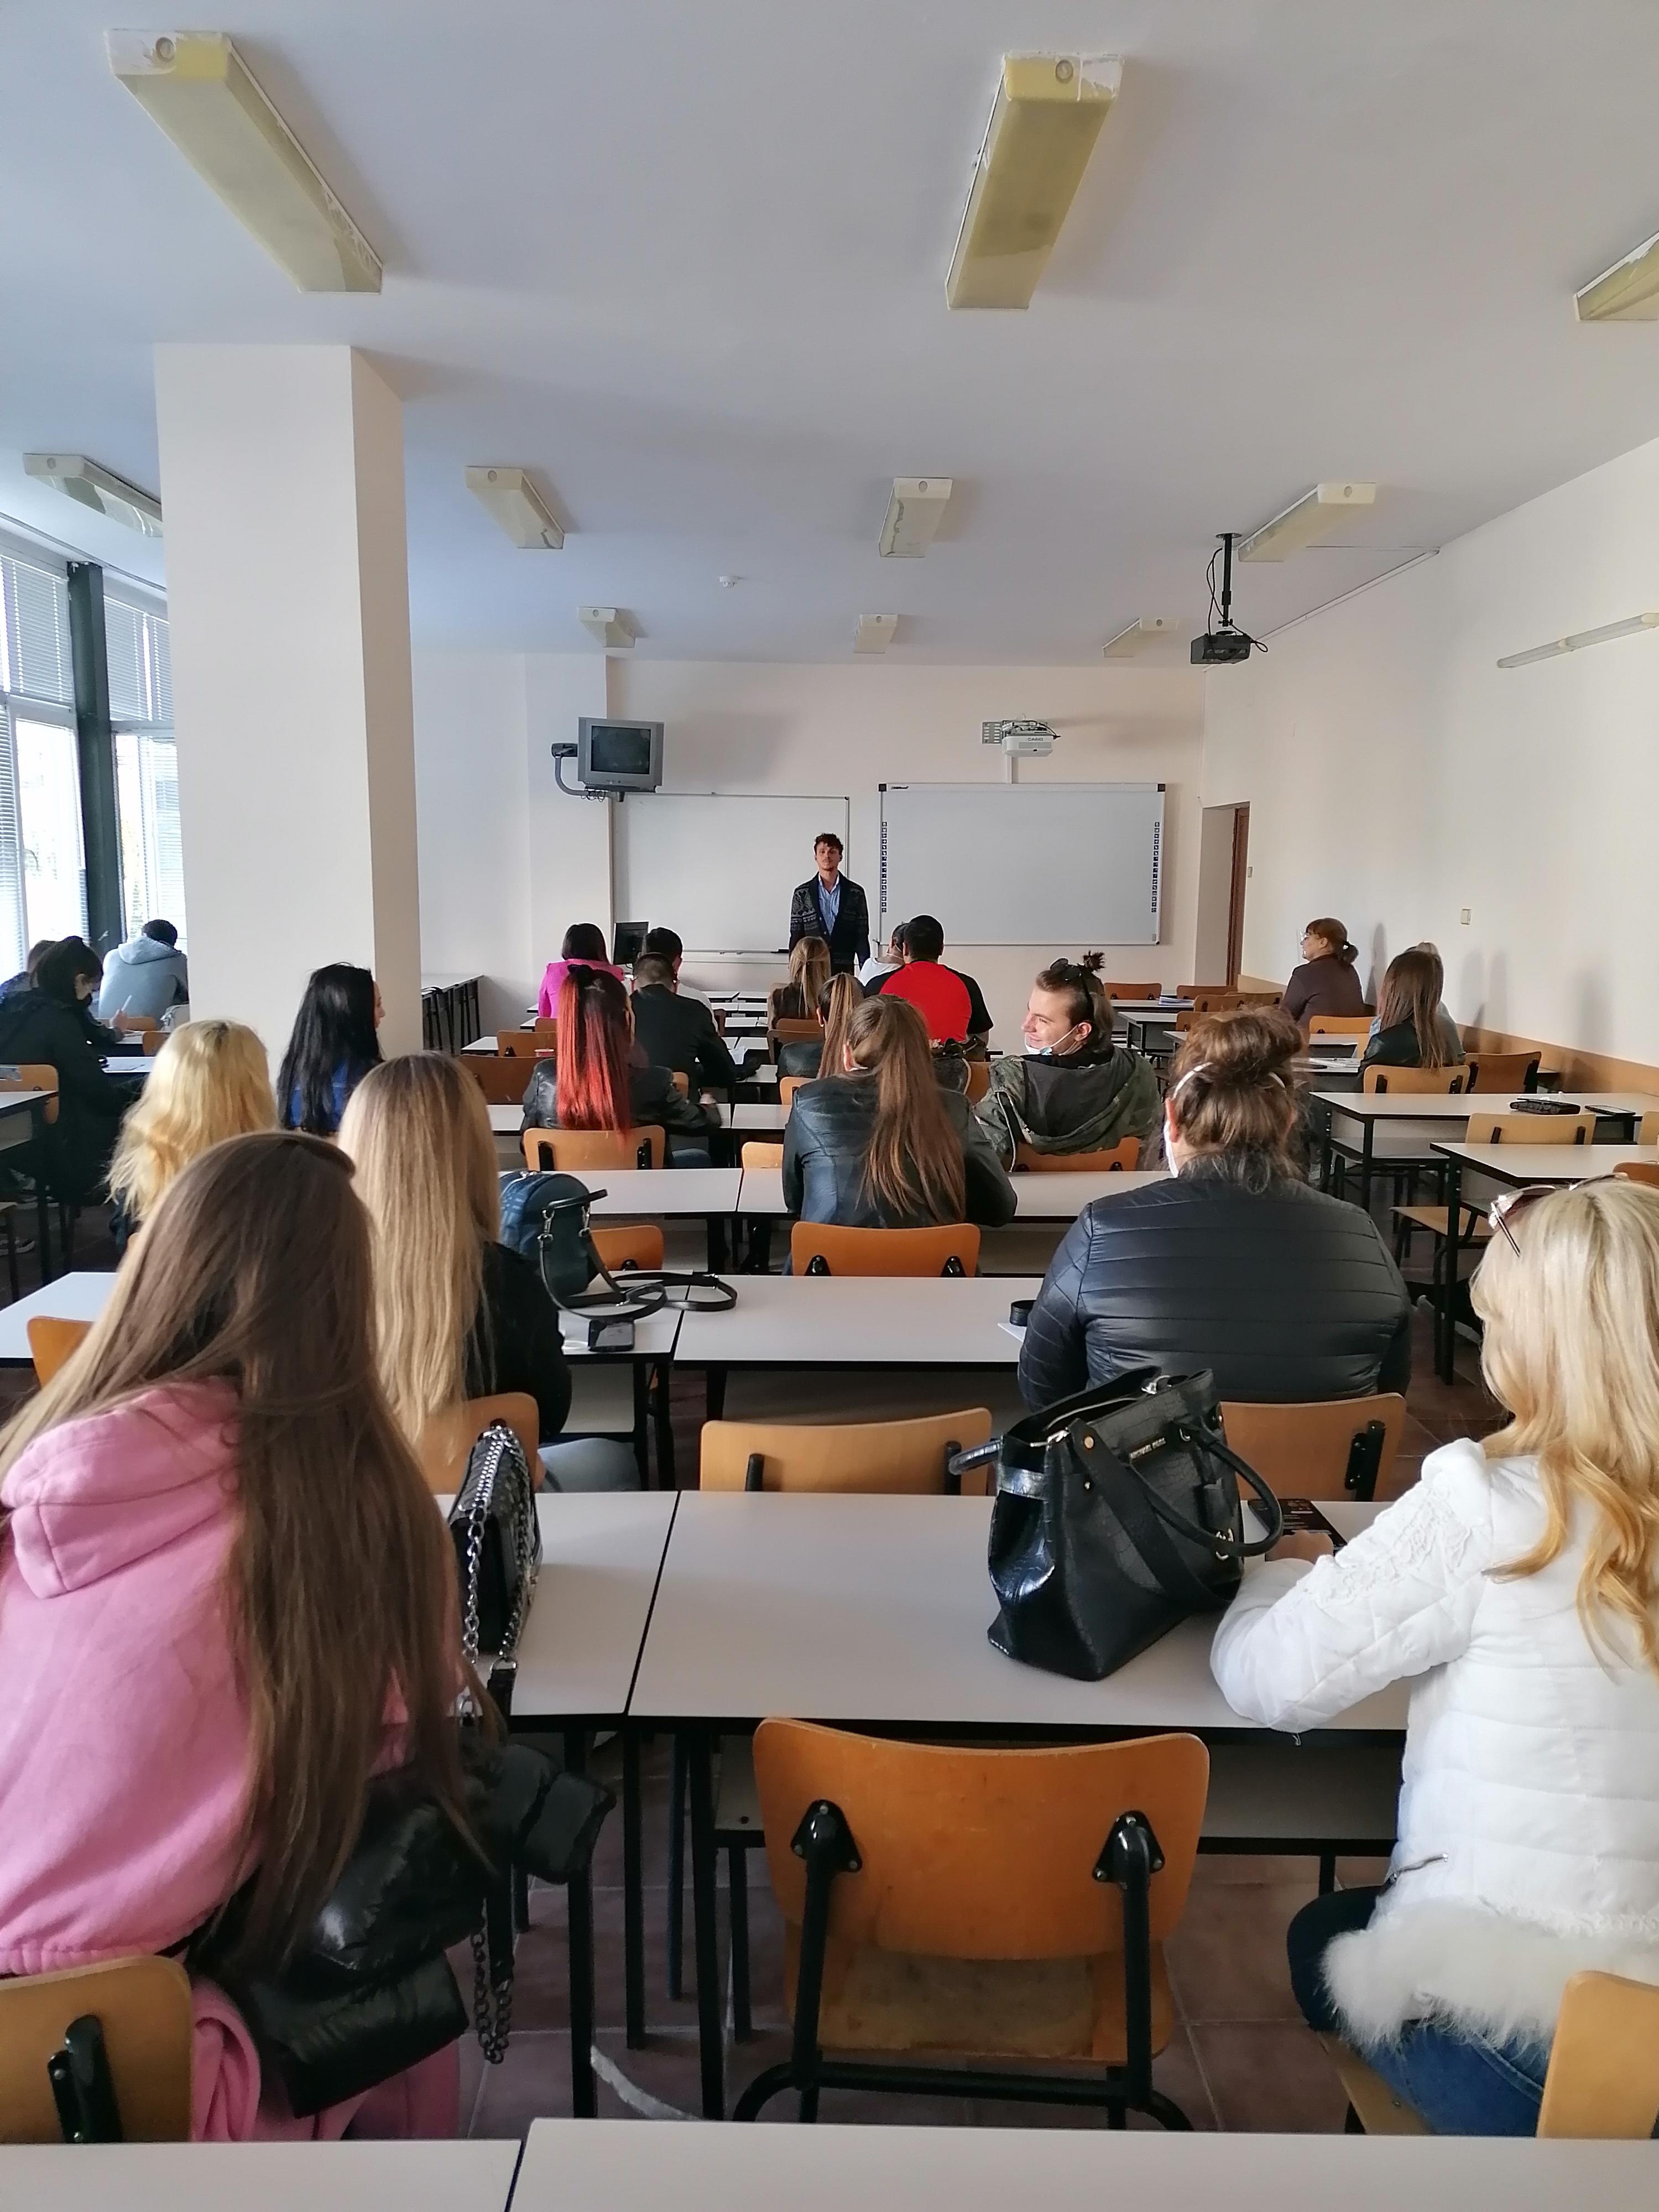 Студентите от специалност  Връзки с обществеността  и Драматичният театър  Никола Вапцаров  ще работят заедно  зад кулисите